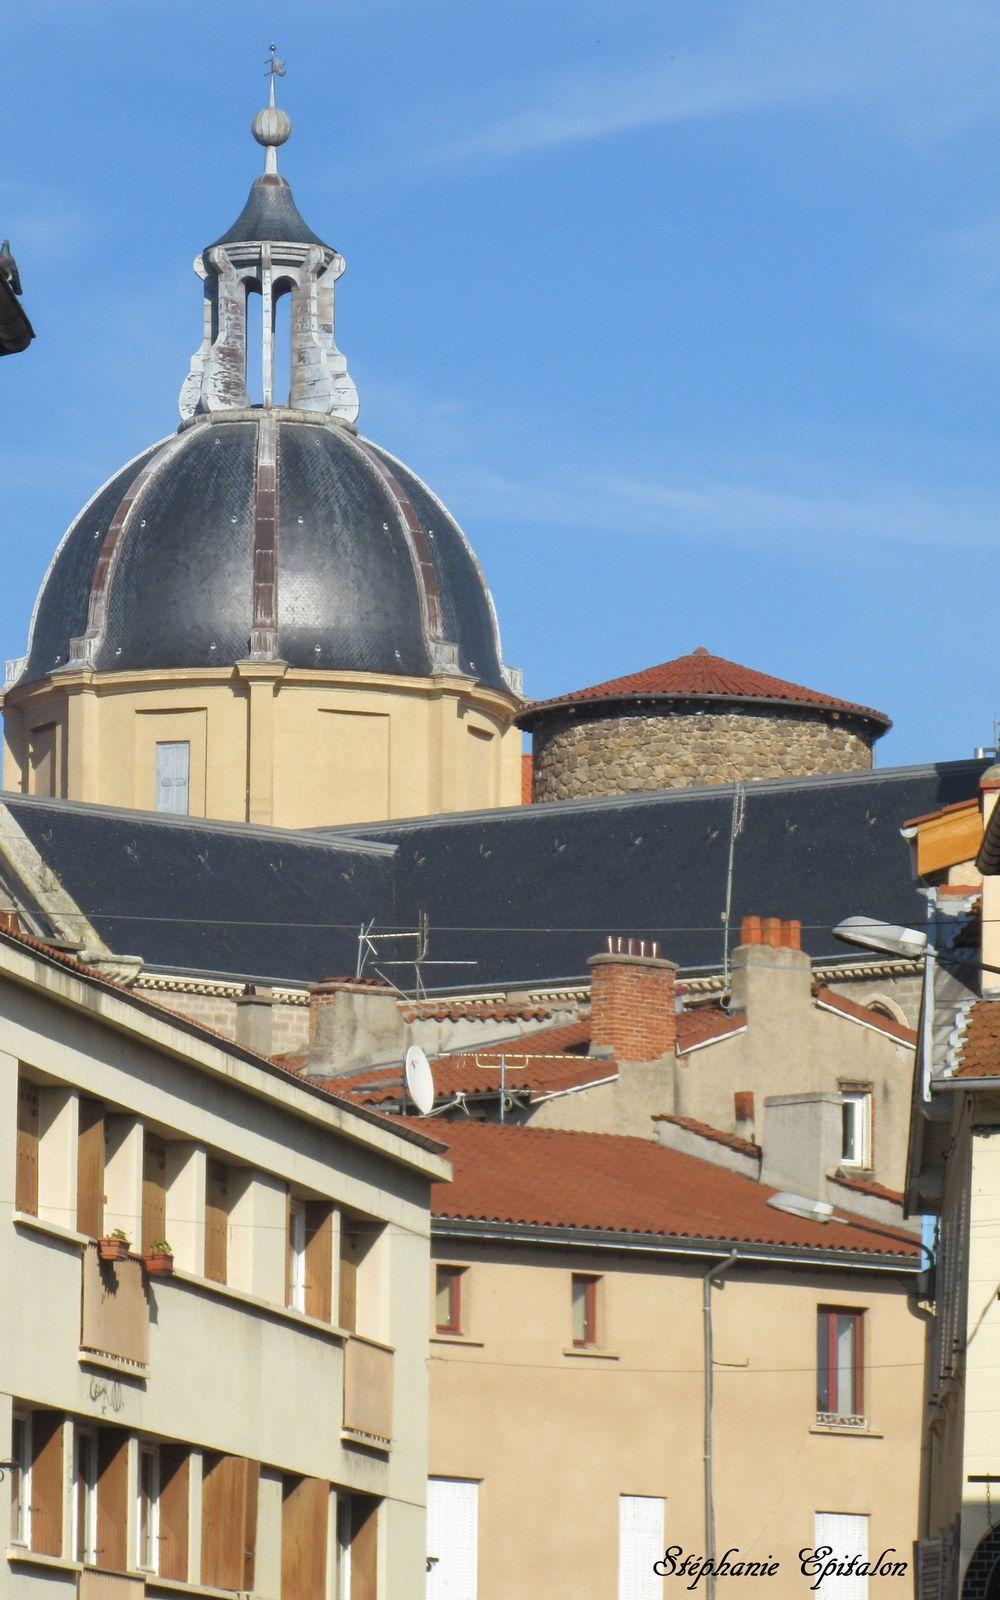 vue sur le dôme du Tribunal et le toit de la Tour de la Barrière